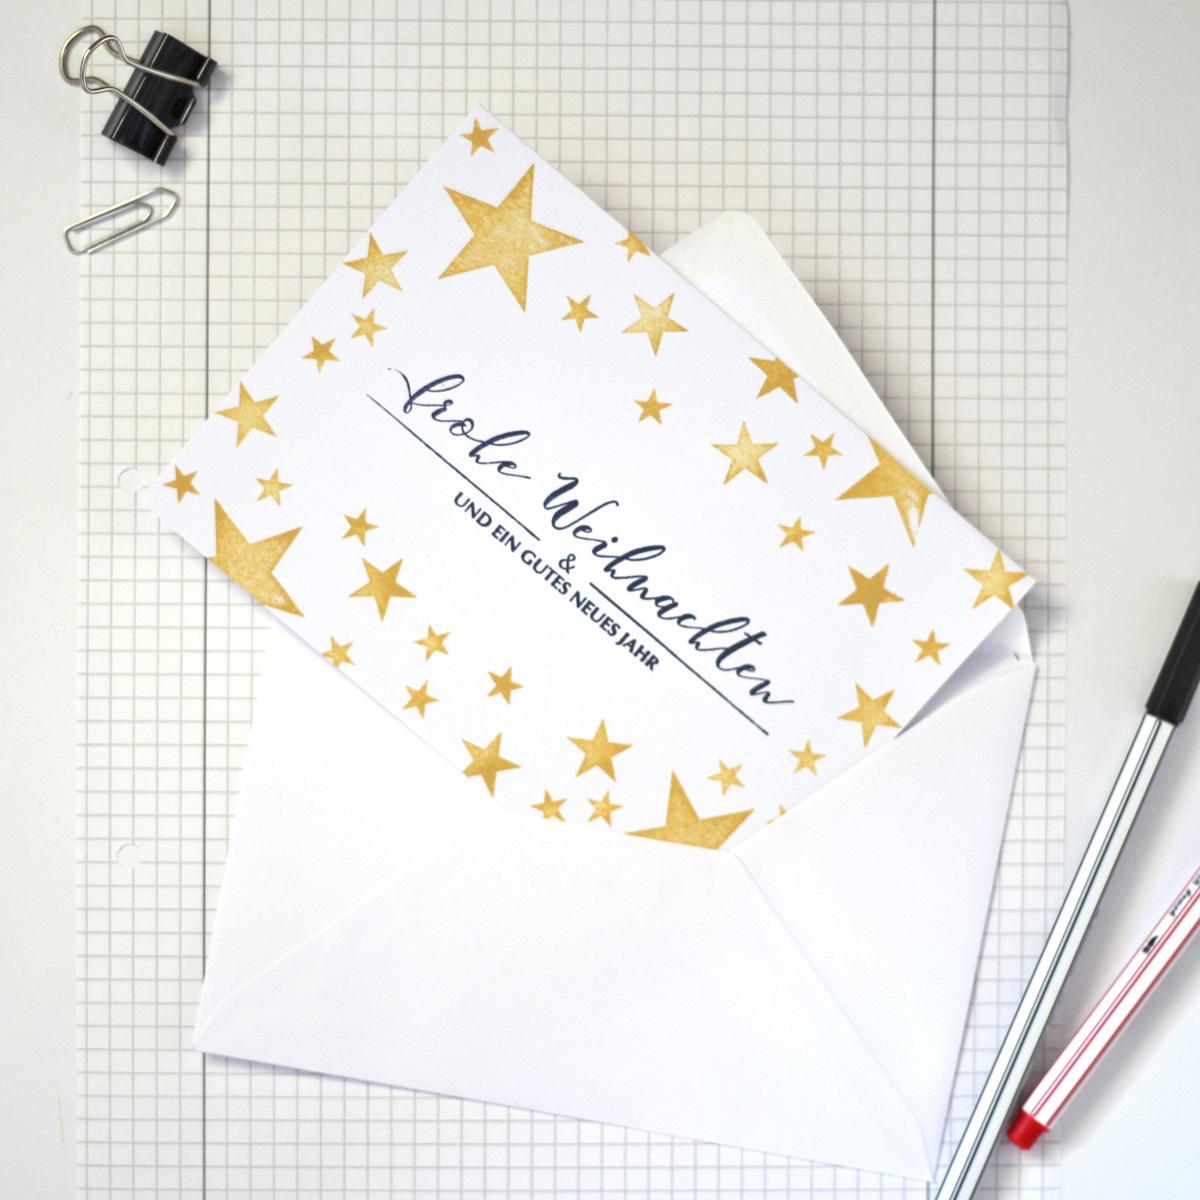 missredfox - 12giftswithlovegoesxmas - 13 - 4Freizeiten - Weihnachtskarten stempeln mit Sternen 3